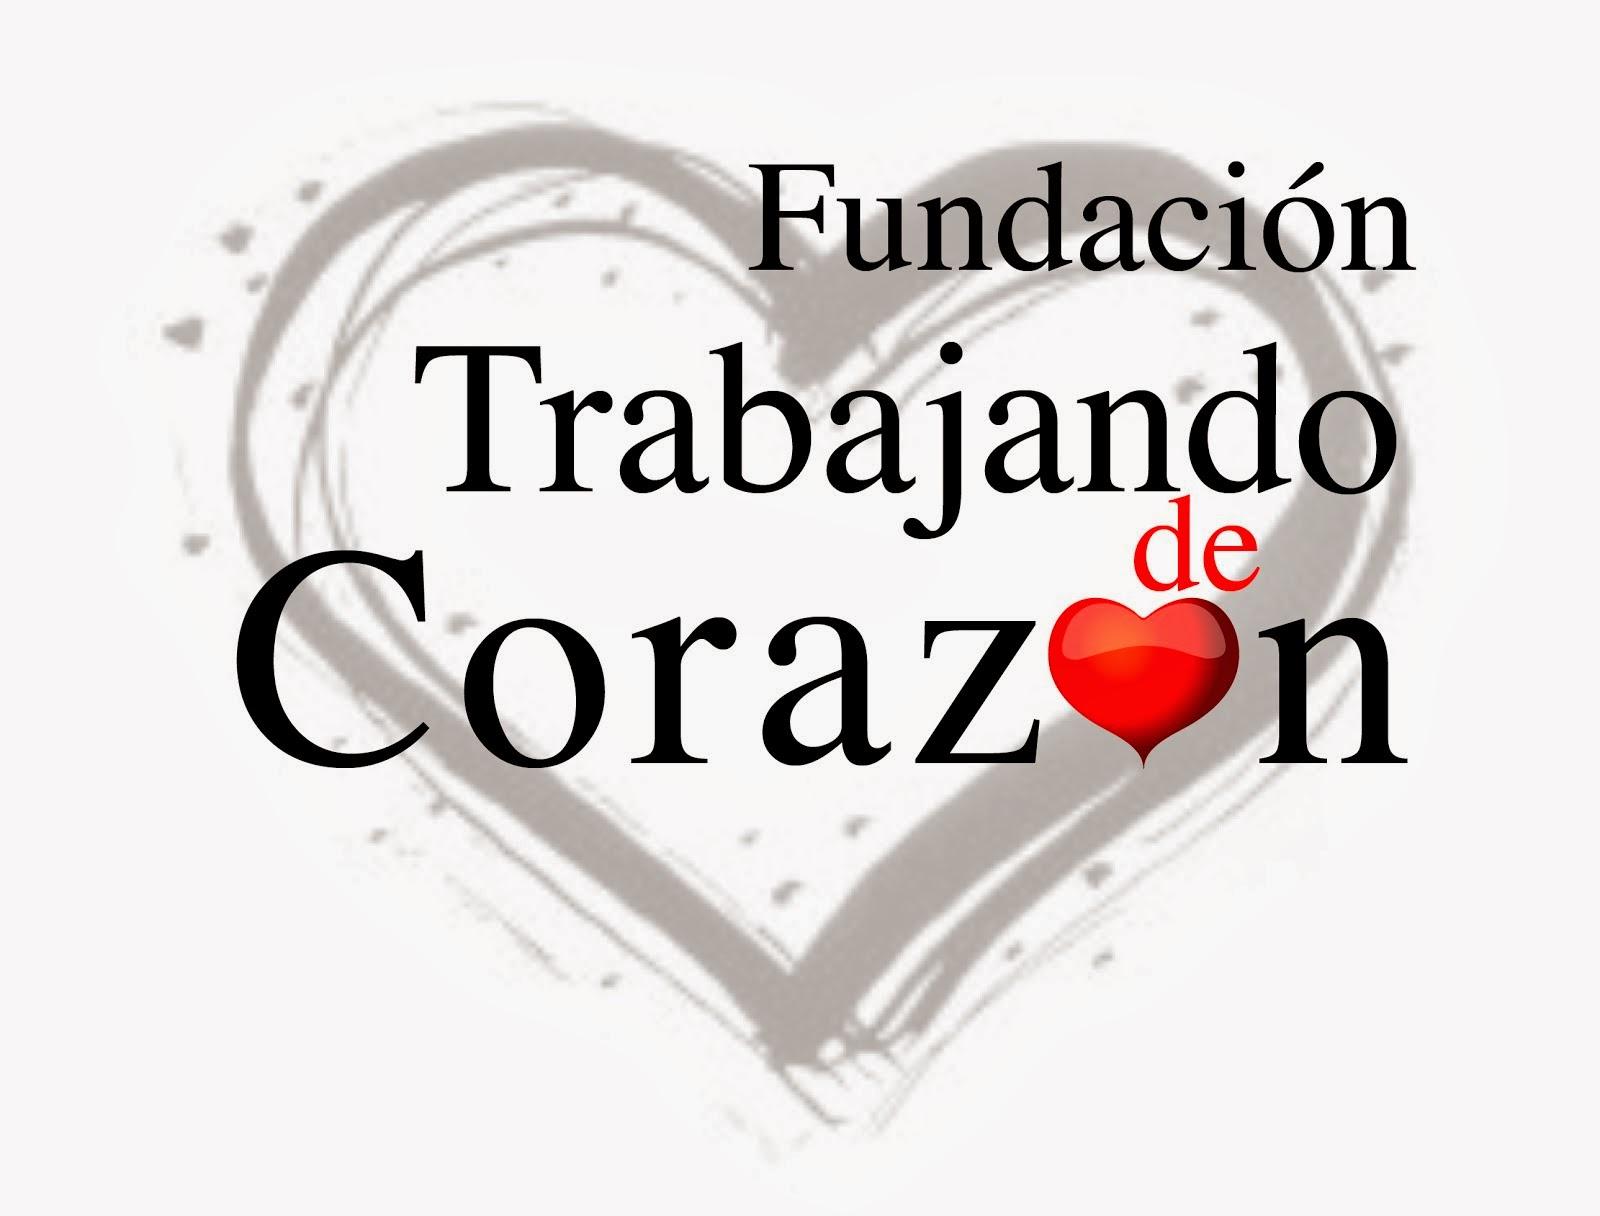 Fundación Trabajando de Corazón